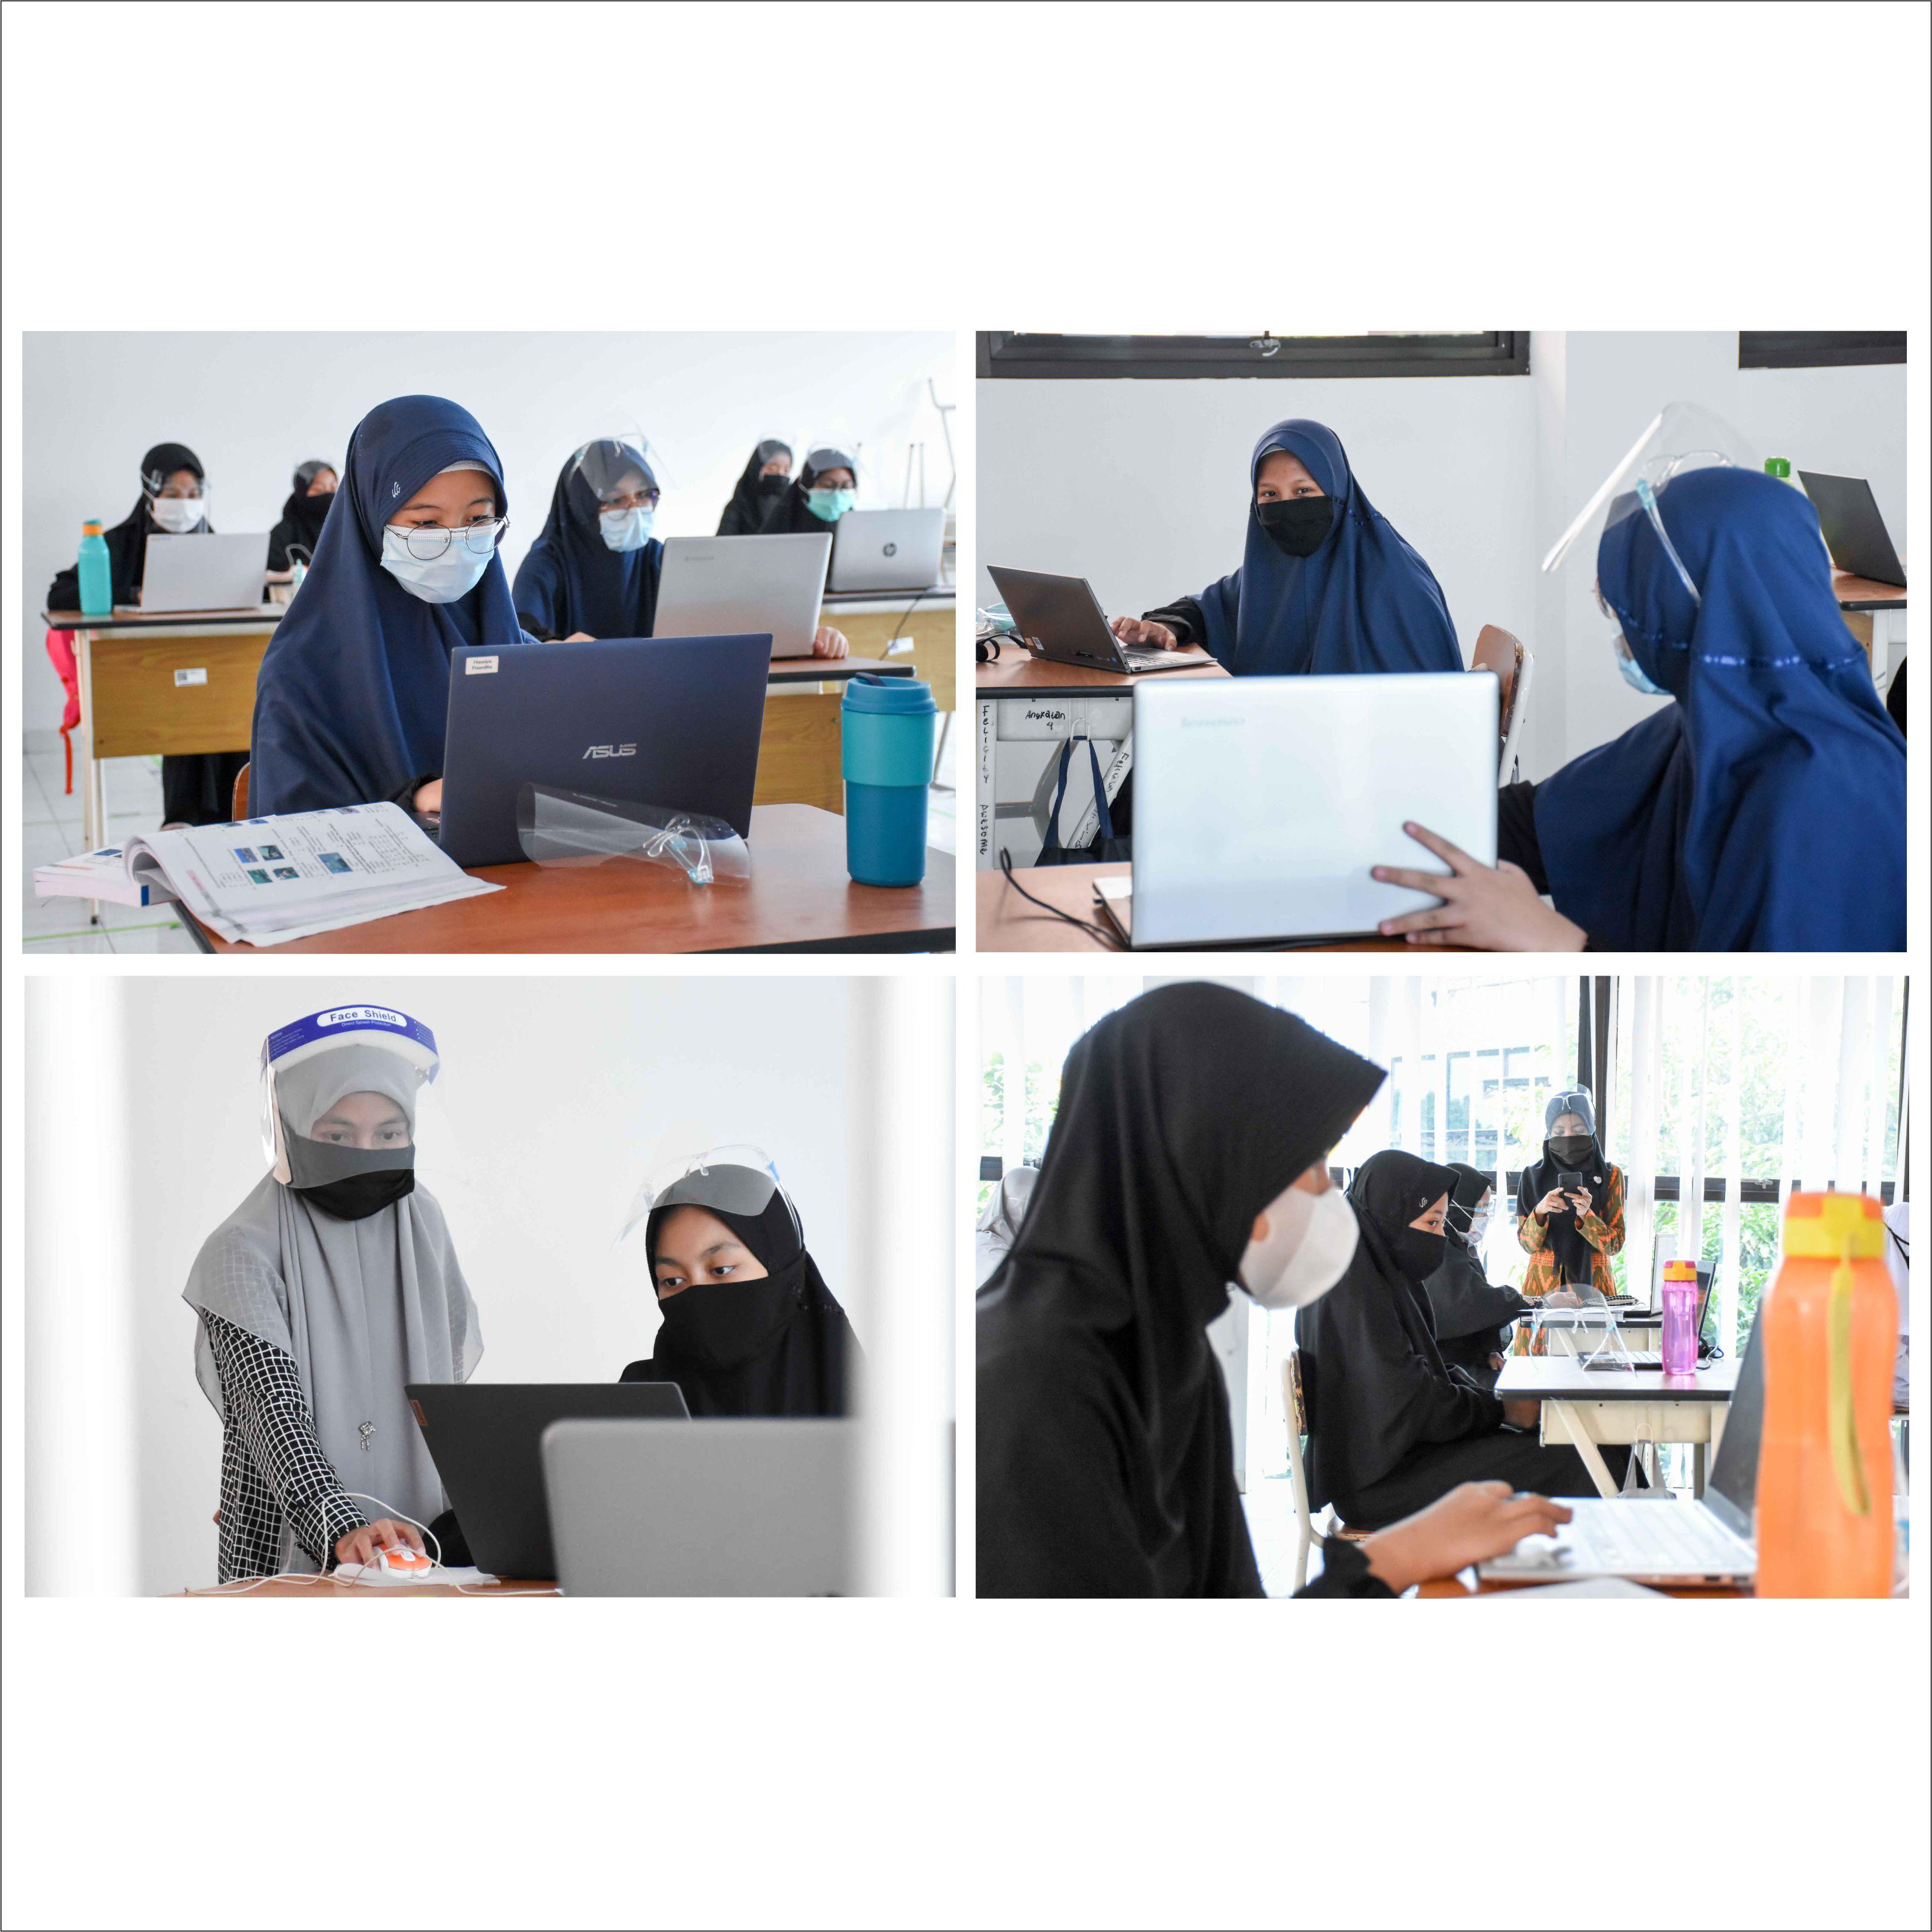 Tema SMP Islam atau SMP Islam Terpadu (SMPIT) Dalam Kegiatan Belajar Tahun Ini